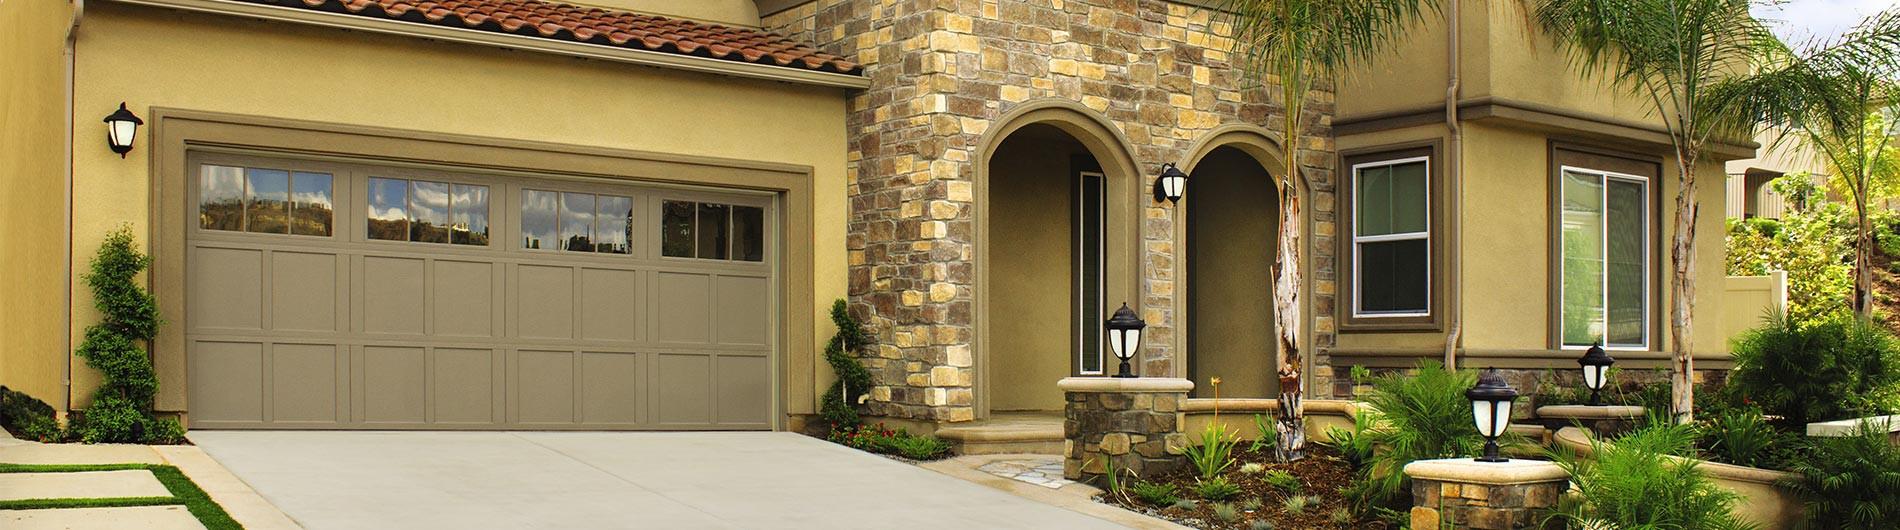 9700-CH-Garage-Door-Newport-CustomPaint-